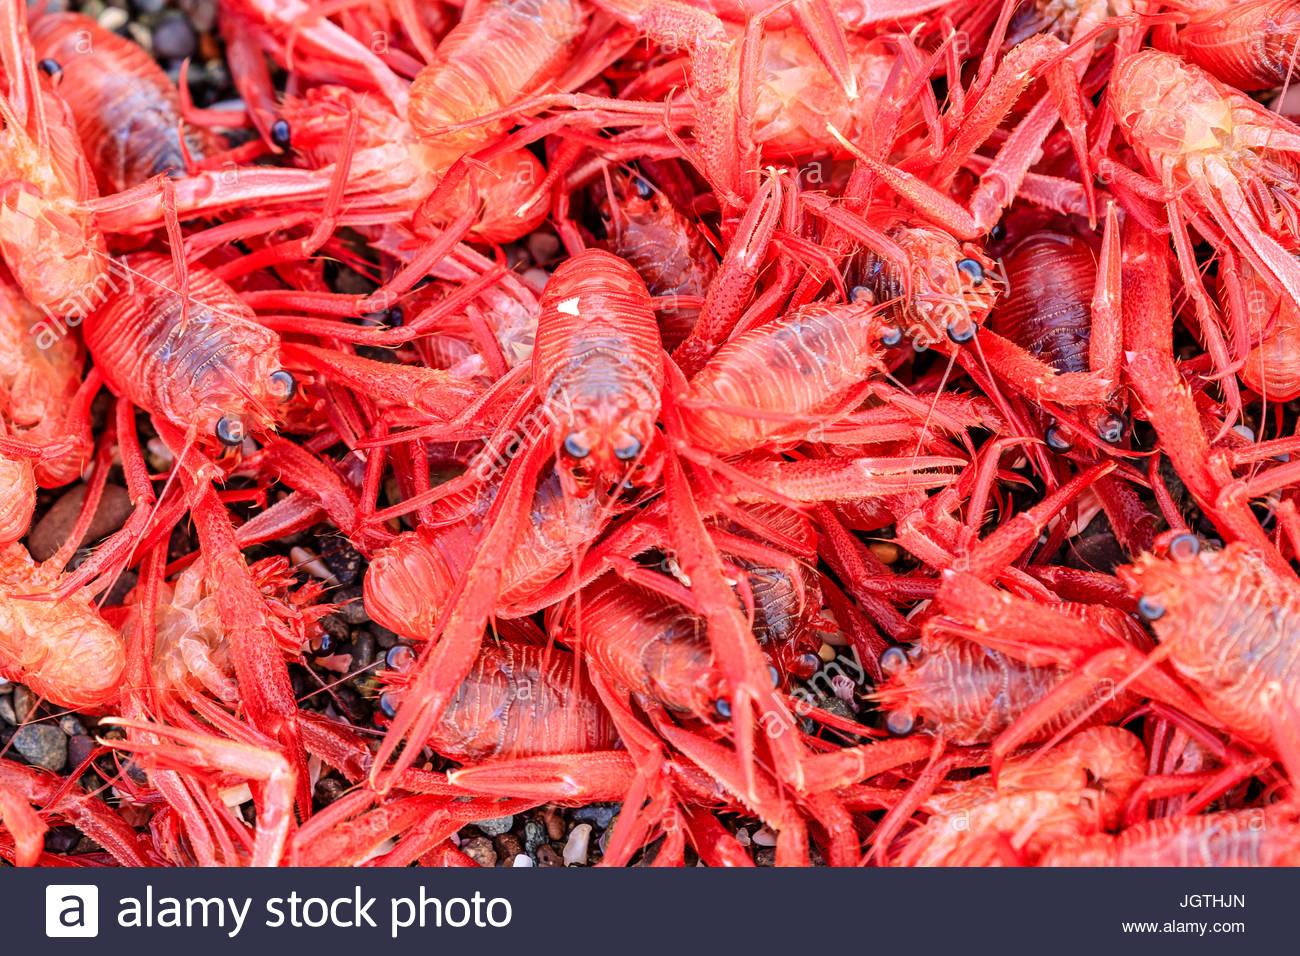 Una chiusura del rosso di granchi pelagiche. Immagini Stock